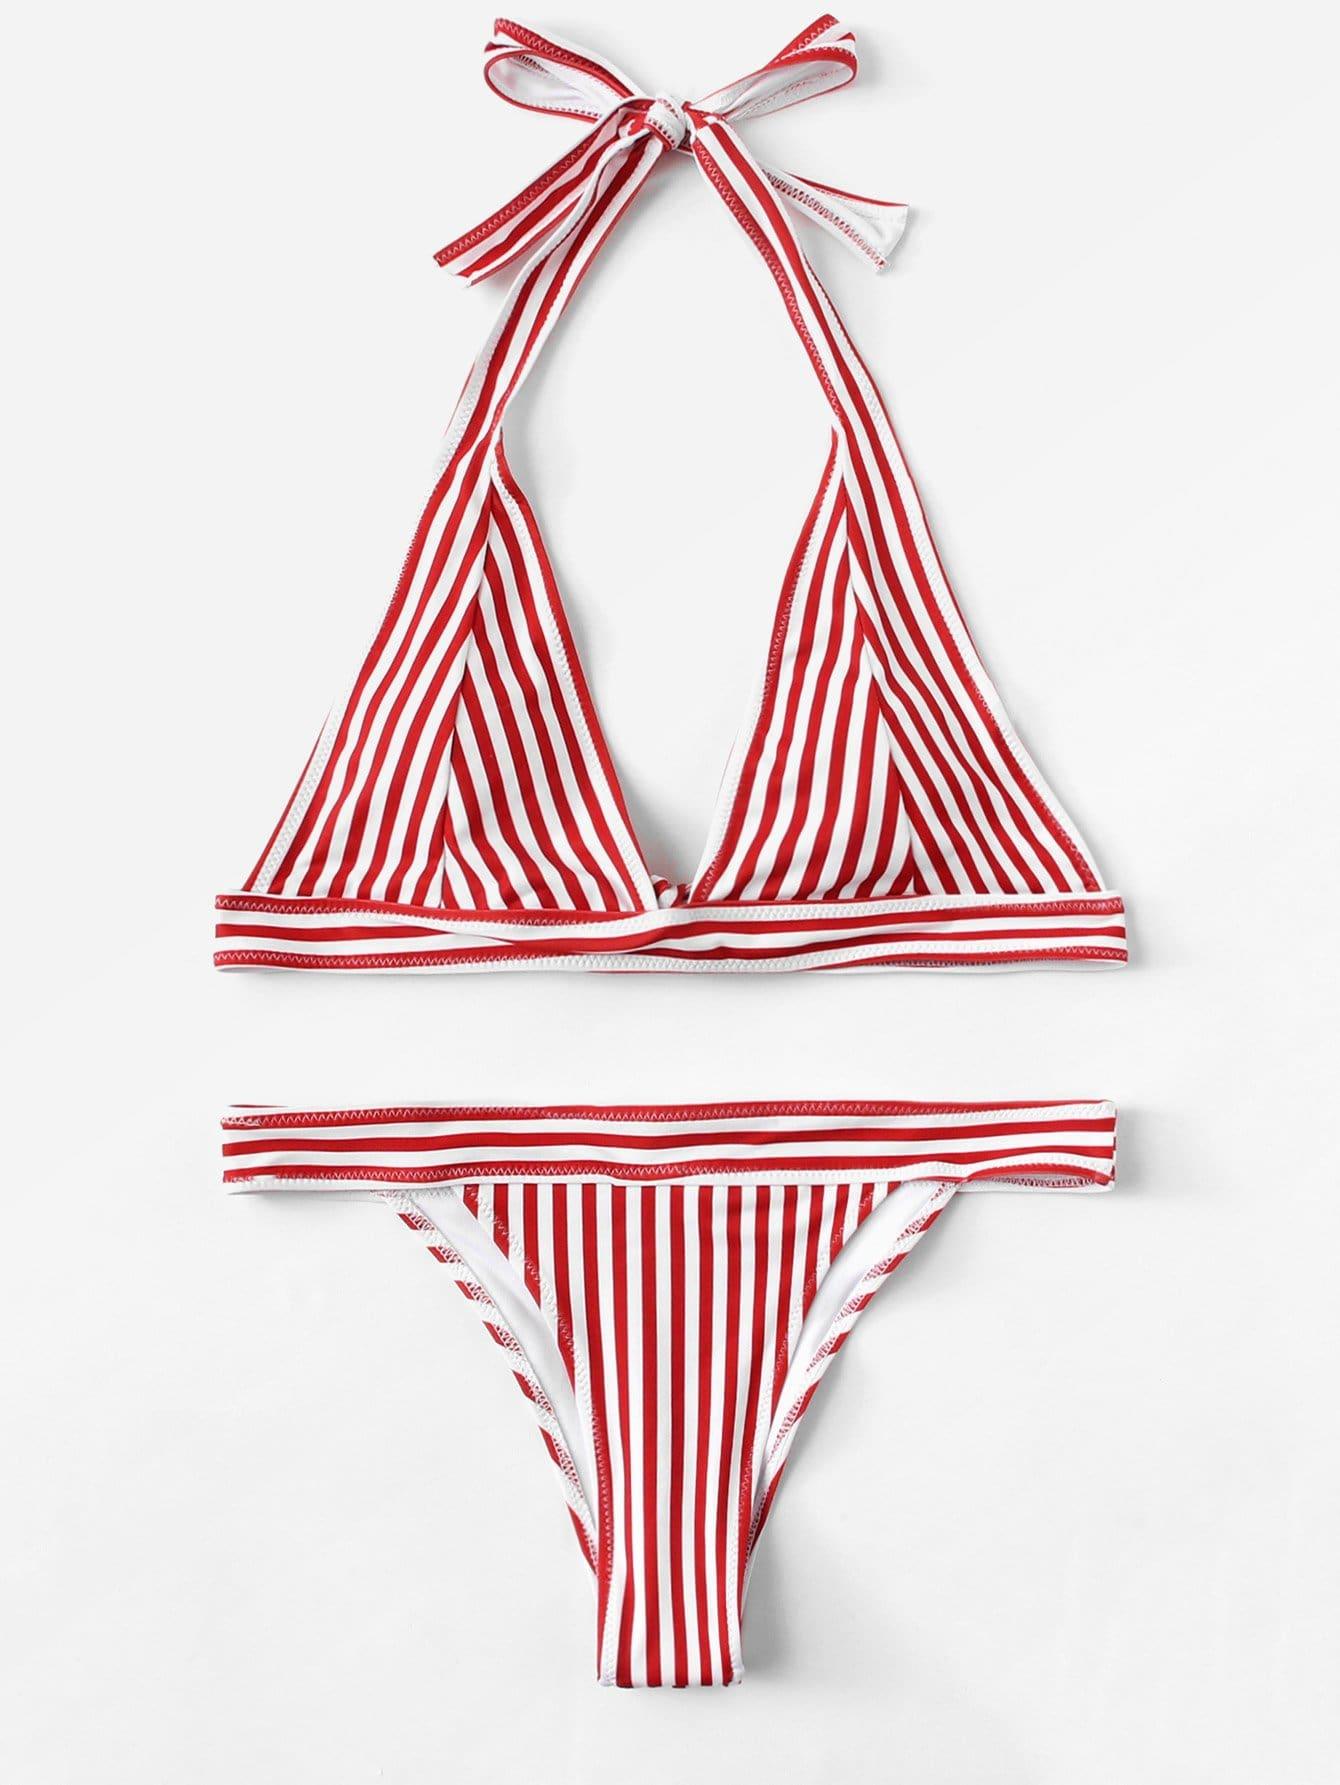 Striped Halter Bikini Set halter striped low cut bikini set